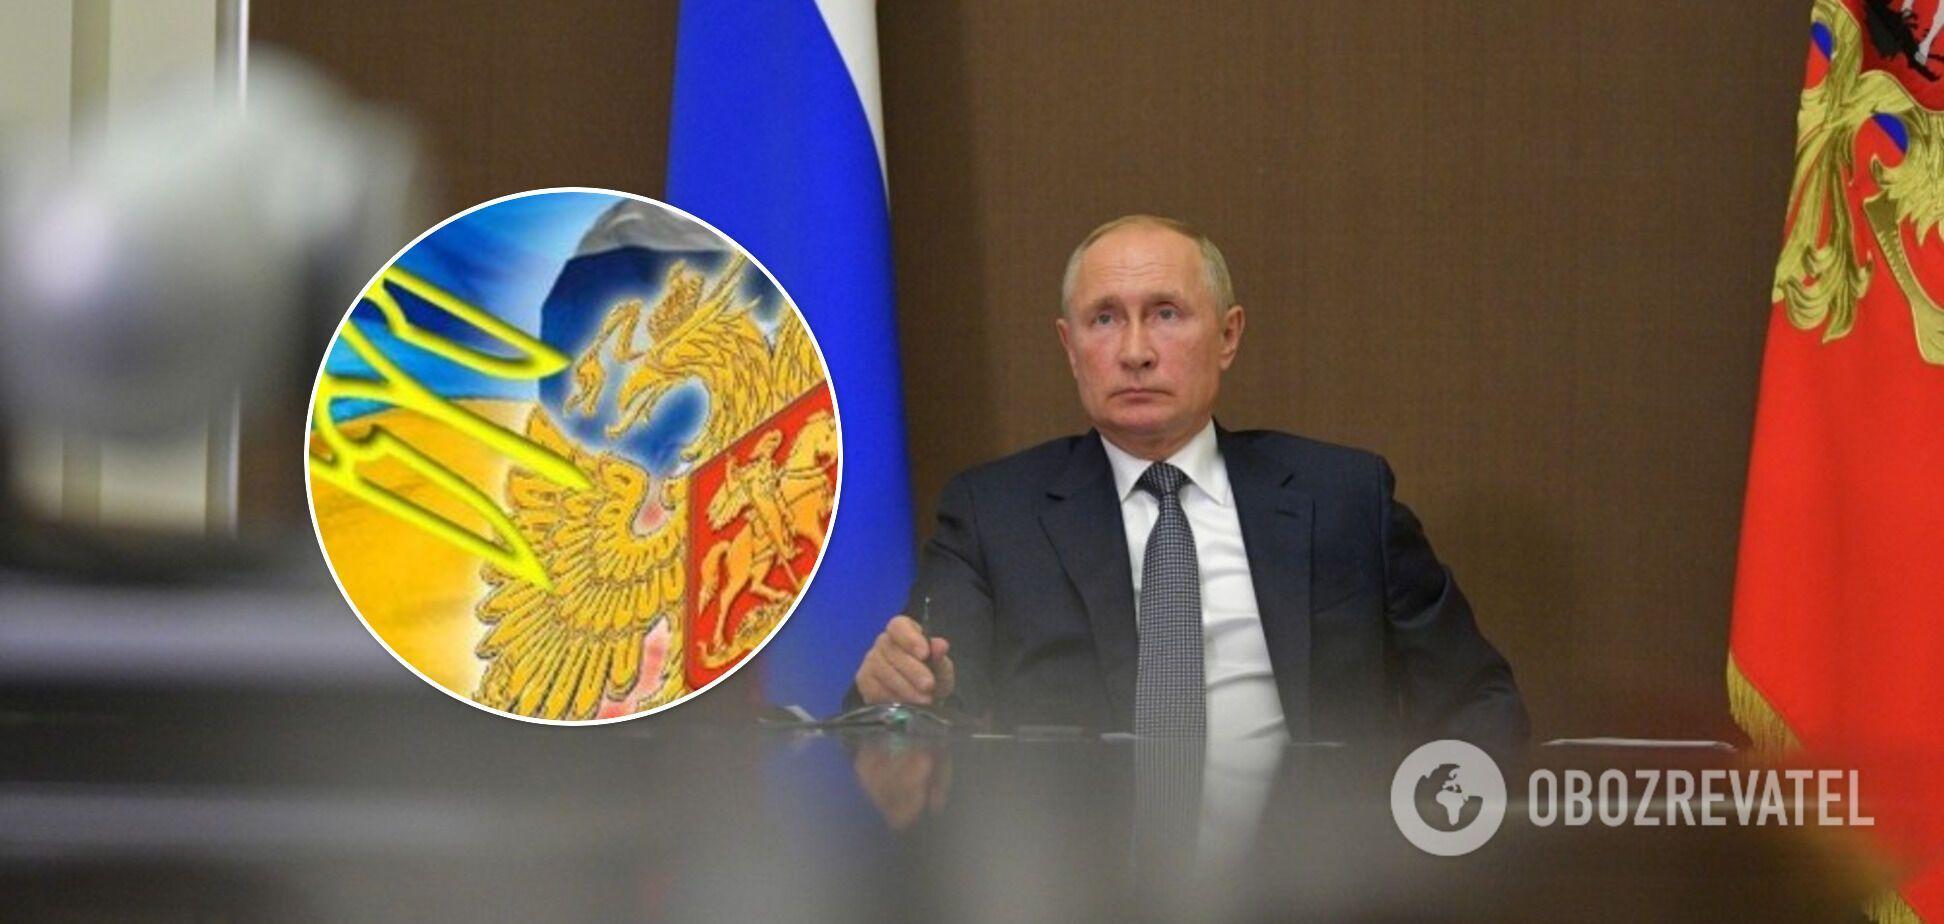 'Кримська платформа': відплата наближається. І в Кремлі це розуміють